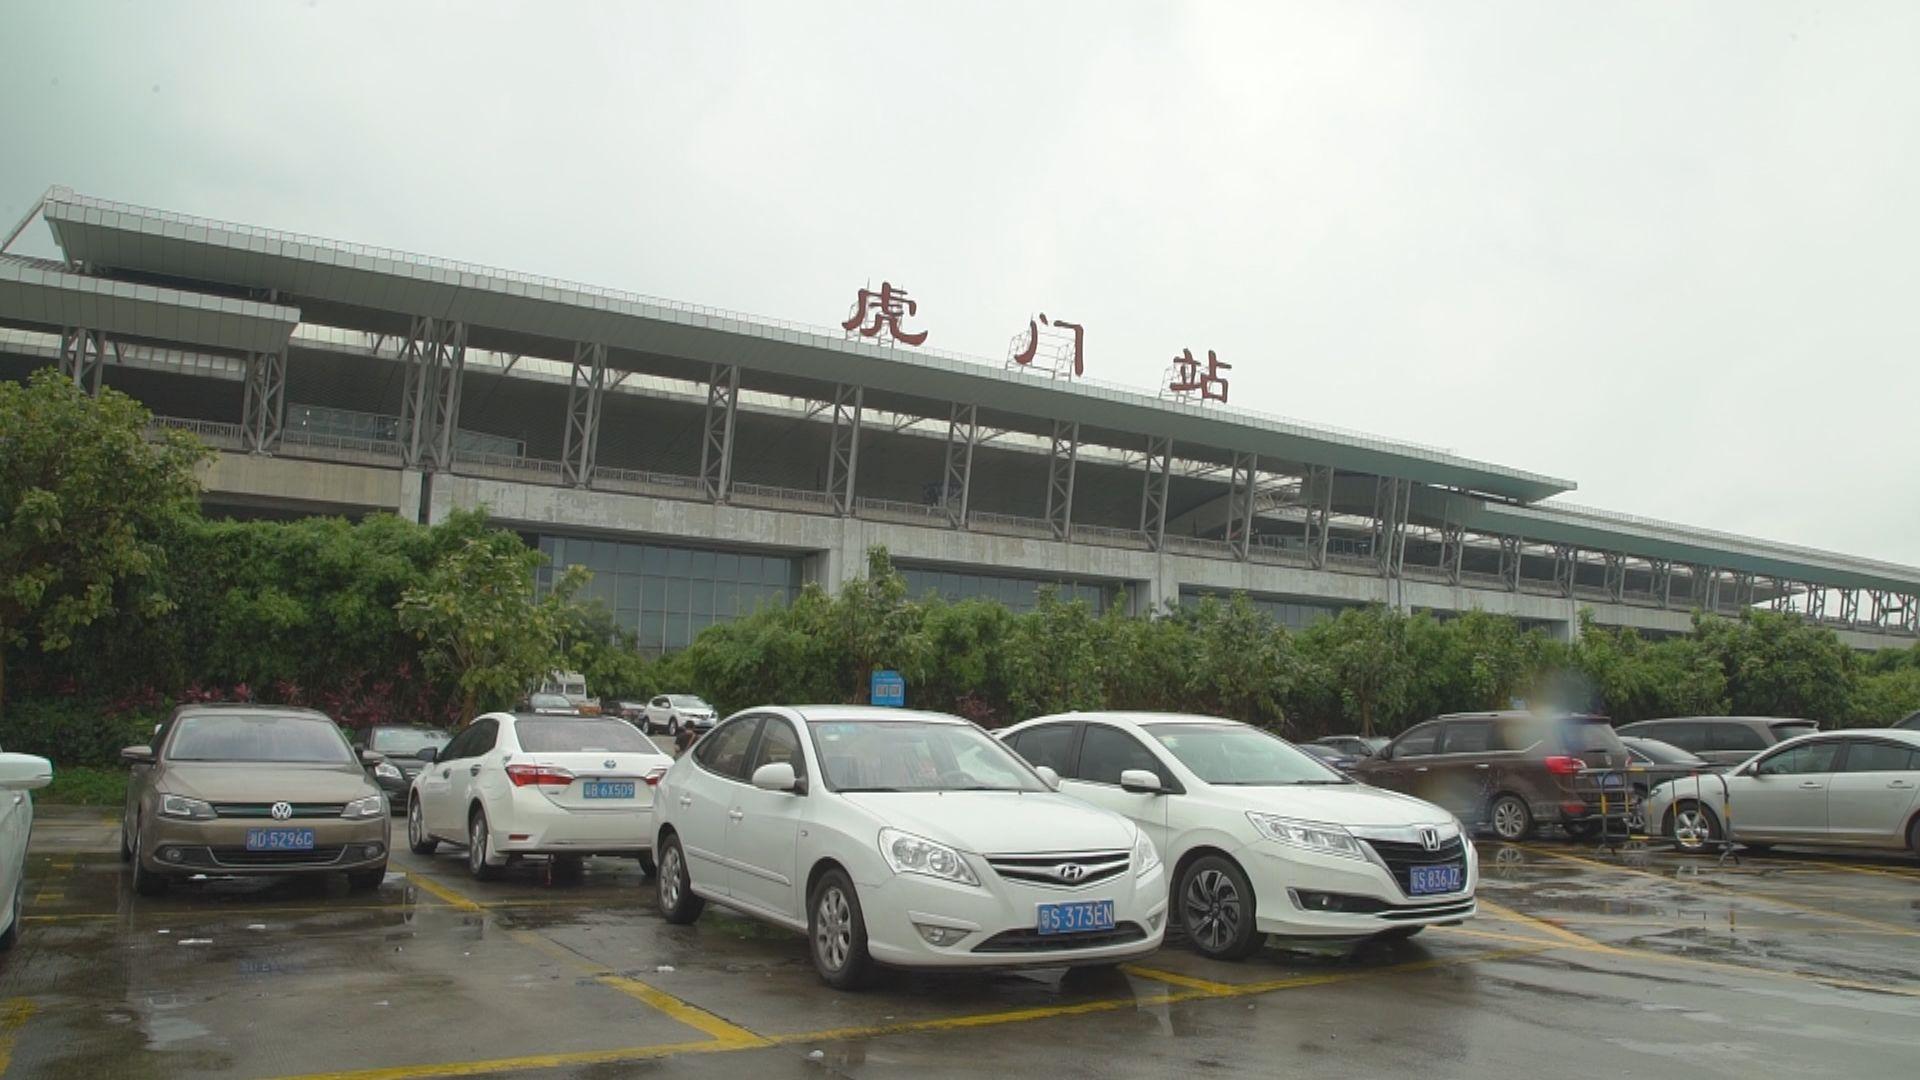 【灣區一分鐘】東莞坐擁交通便利成「新浦東」